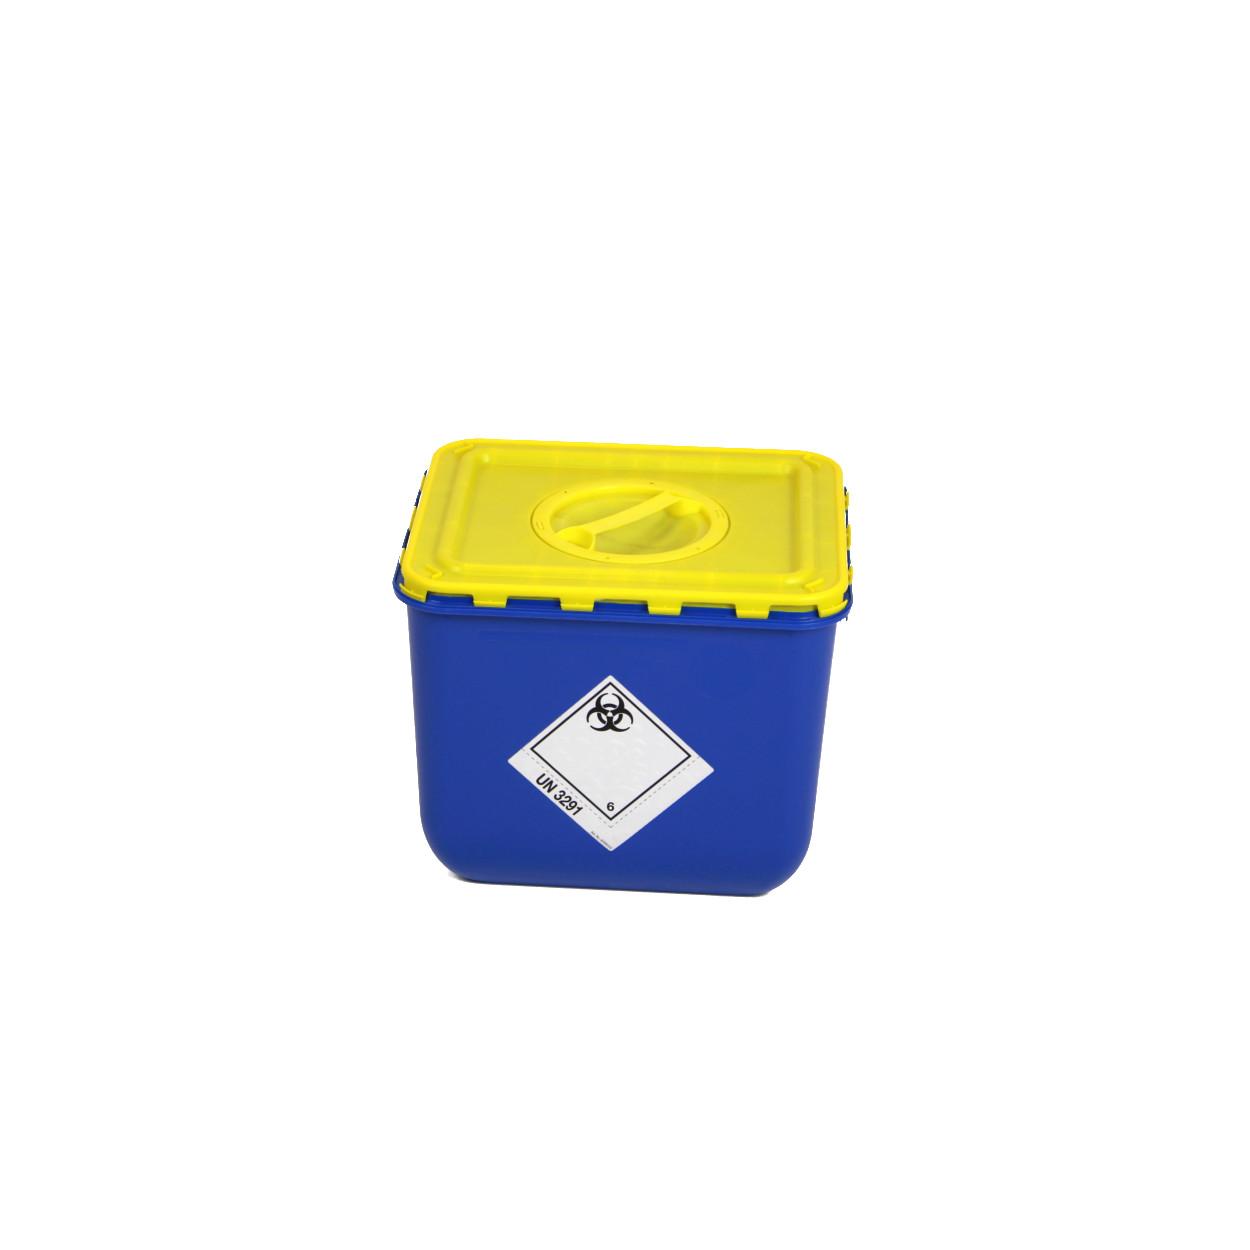 Pojemnik z klapą i otworem na zbiórkę bioodpadów - 30L